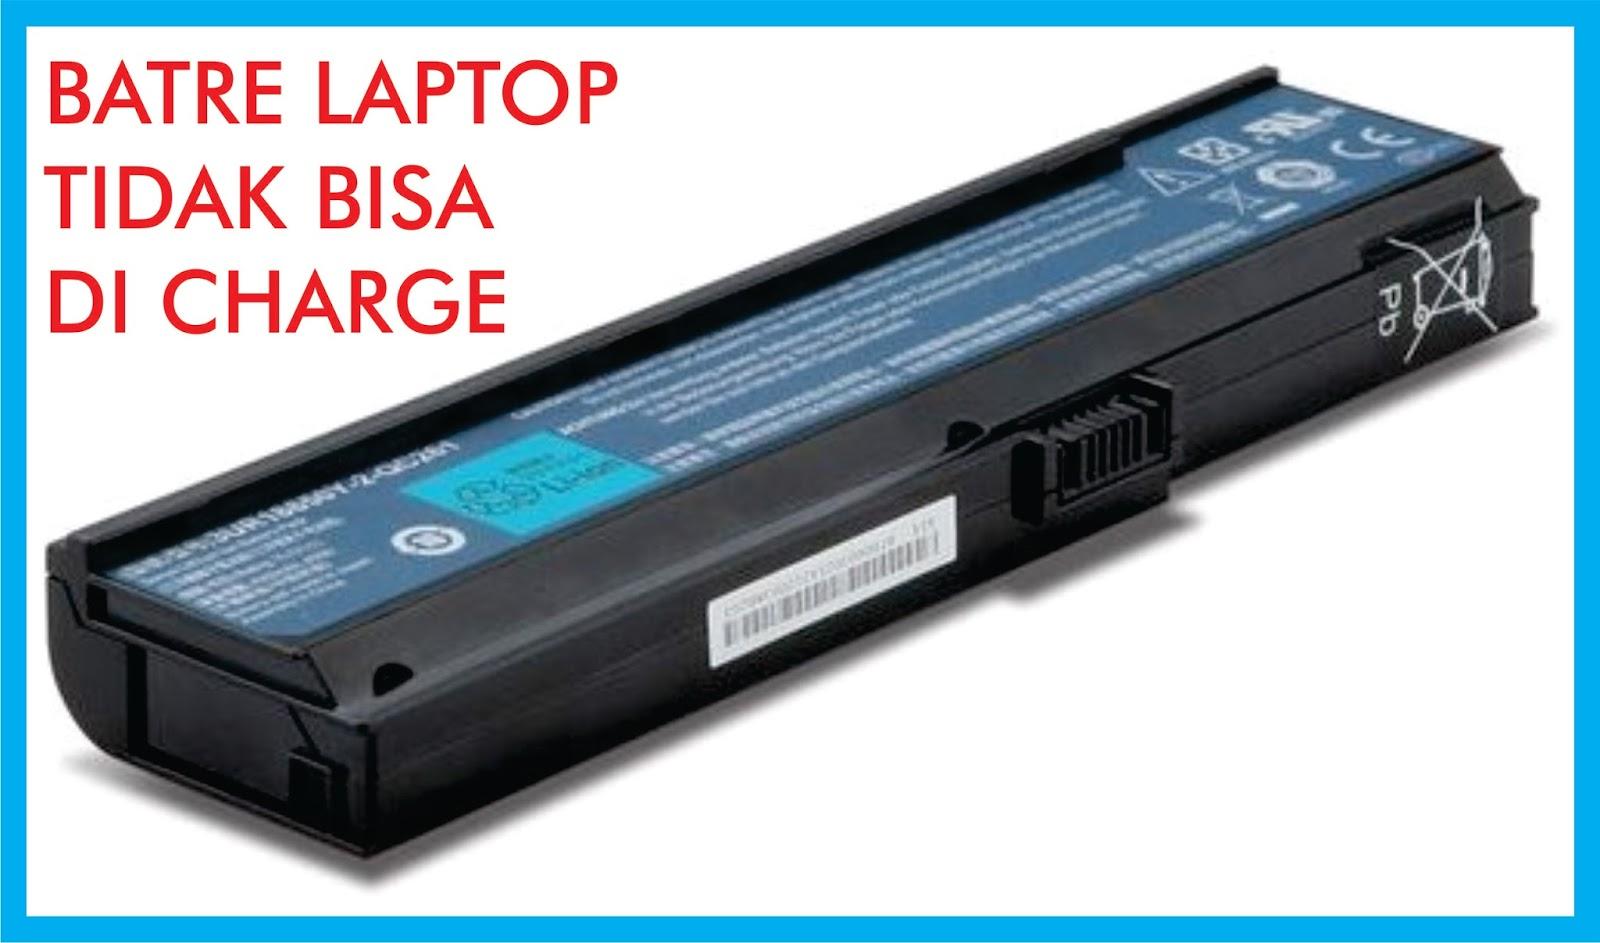 Tips Cara Mengatasi Baterai Laptop Tidak Mengisi Plugged In Not